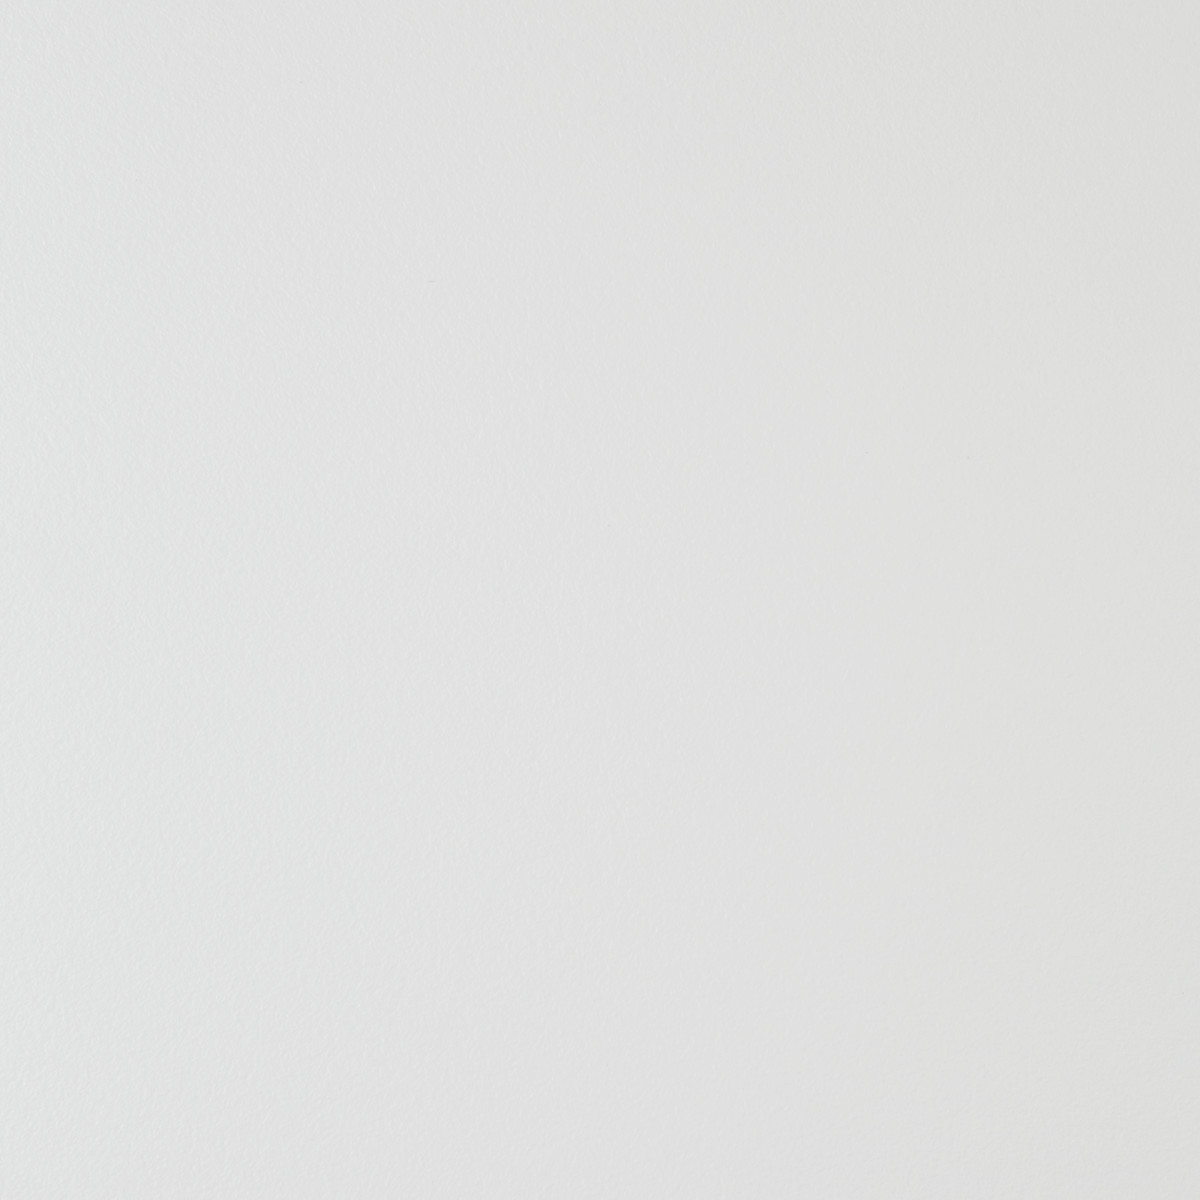 Стеновая панель Вайт 240х0.6х65 см ДСП цвет белый